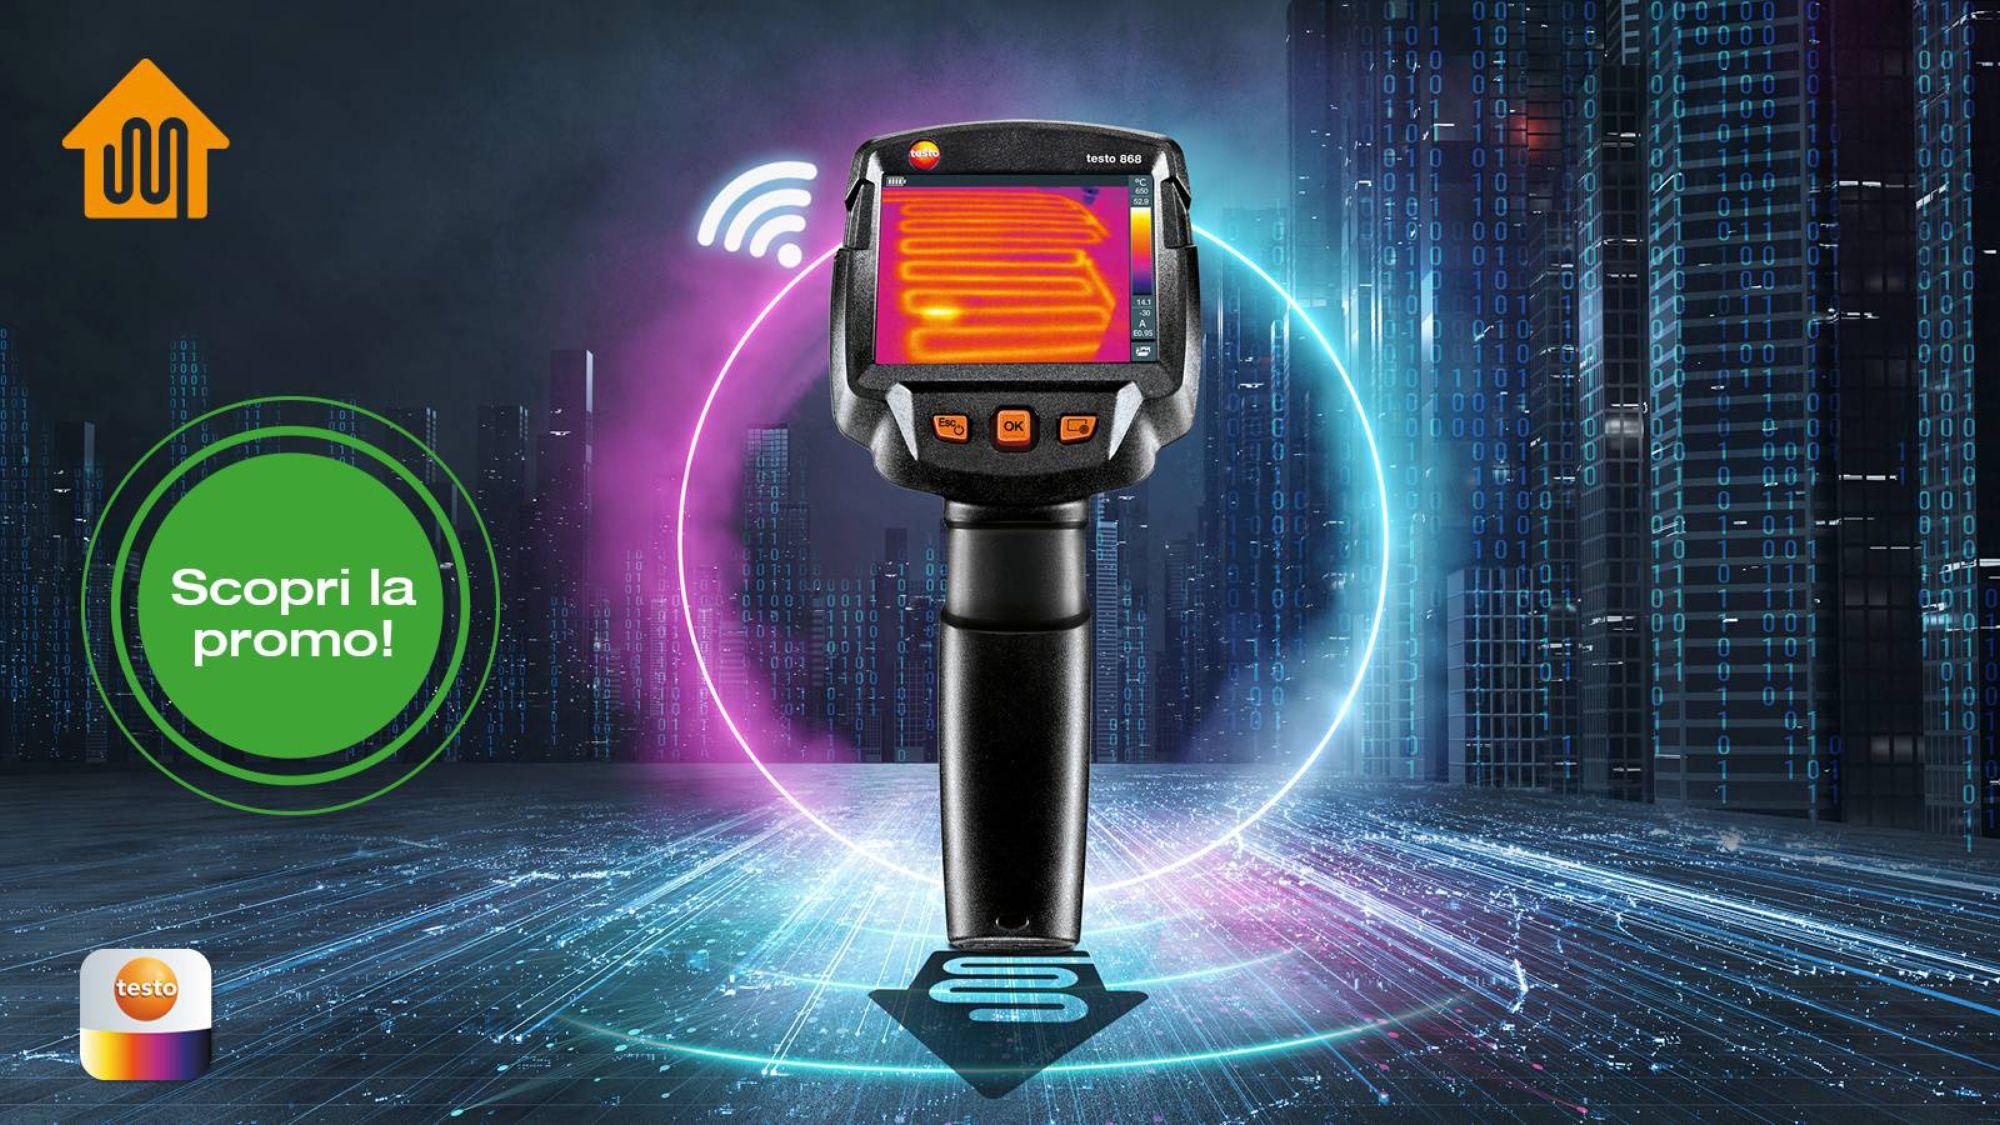 testo 868 thermal imager